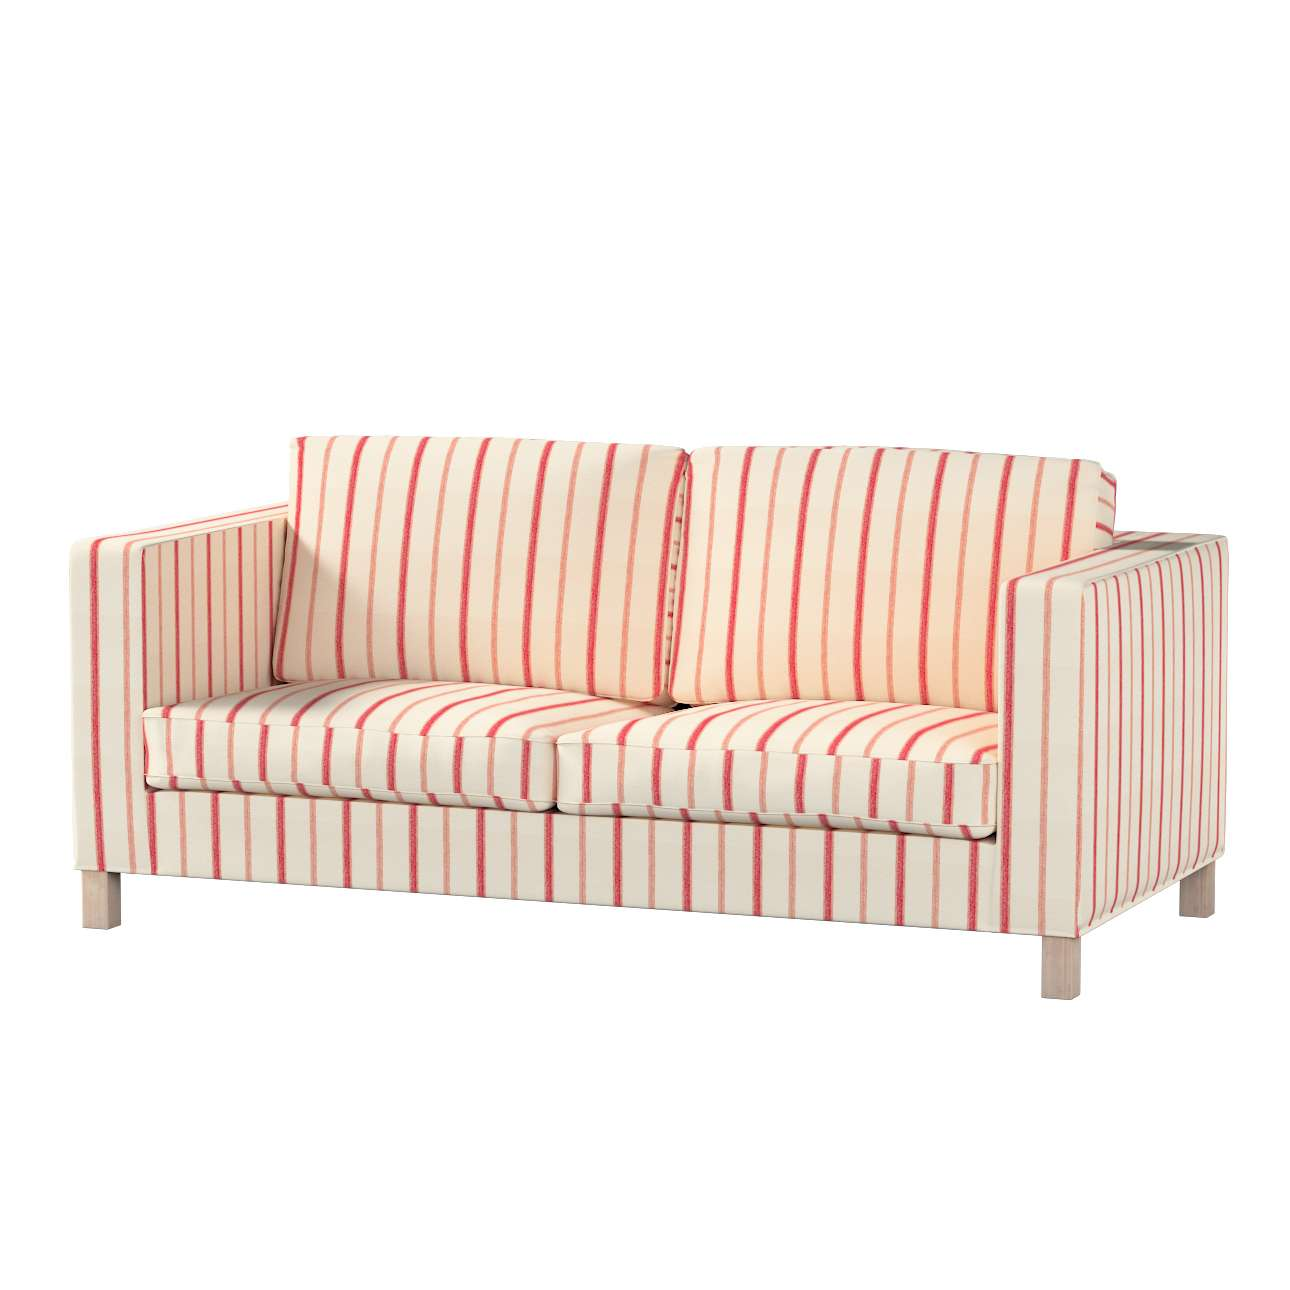 KARLANDA sofos lovos užvalkalas KARLANDA sofos lovos užvalkalas kolekcijoje Avinon, audinys: 129-15